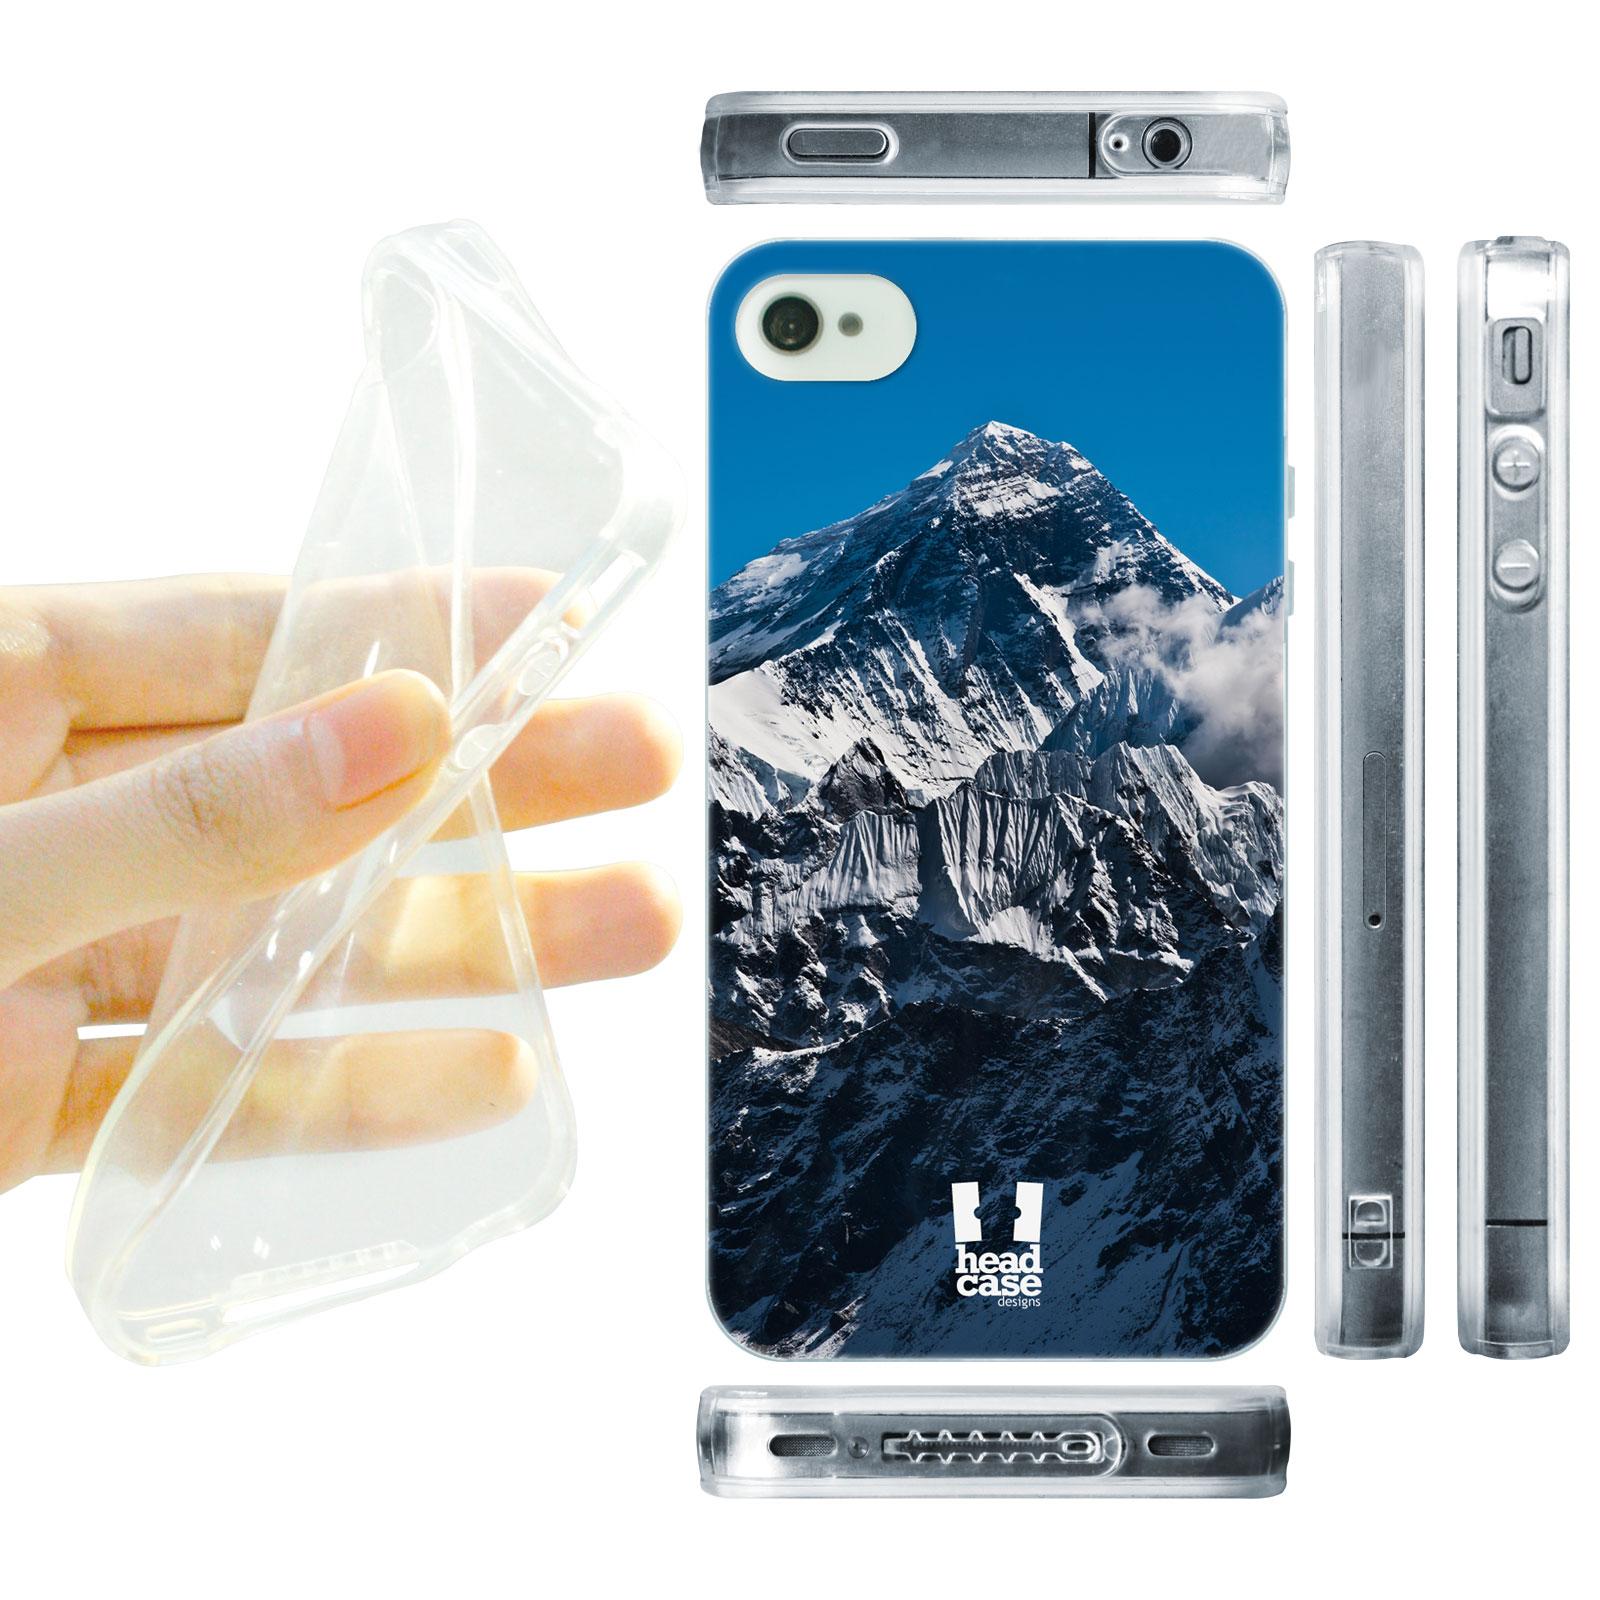 HEAD CASE silikonový obal na mobil Iphone 4/4S foto vrchol Mount Everest Himálaje